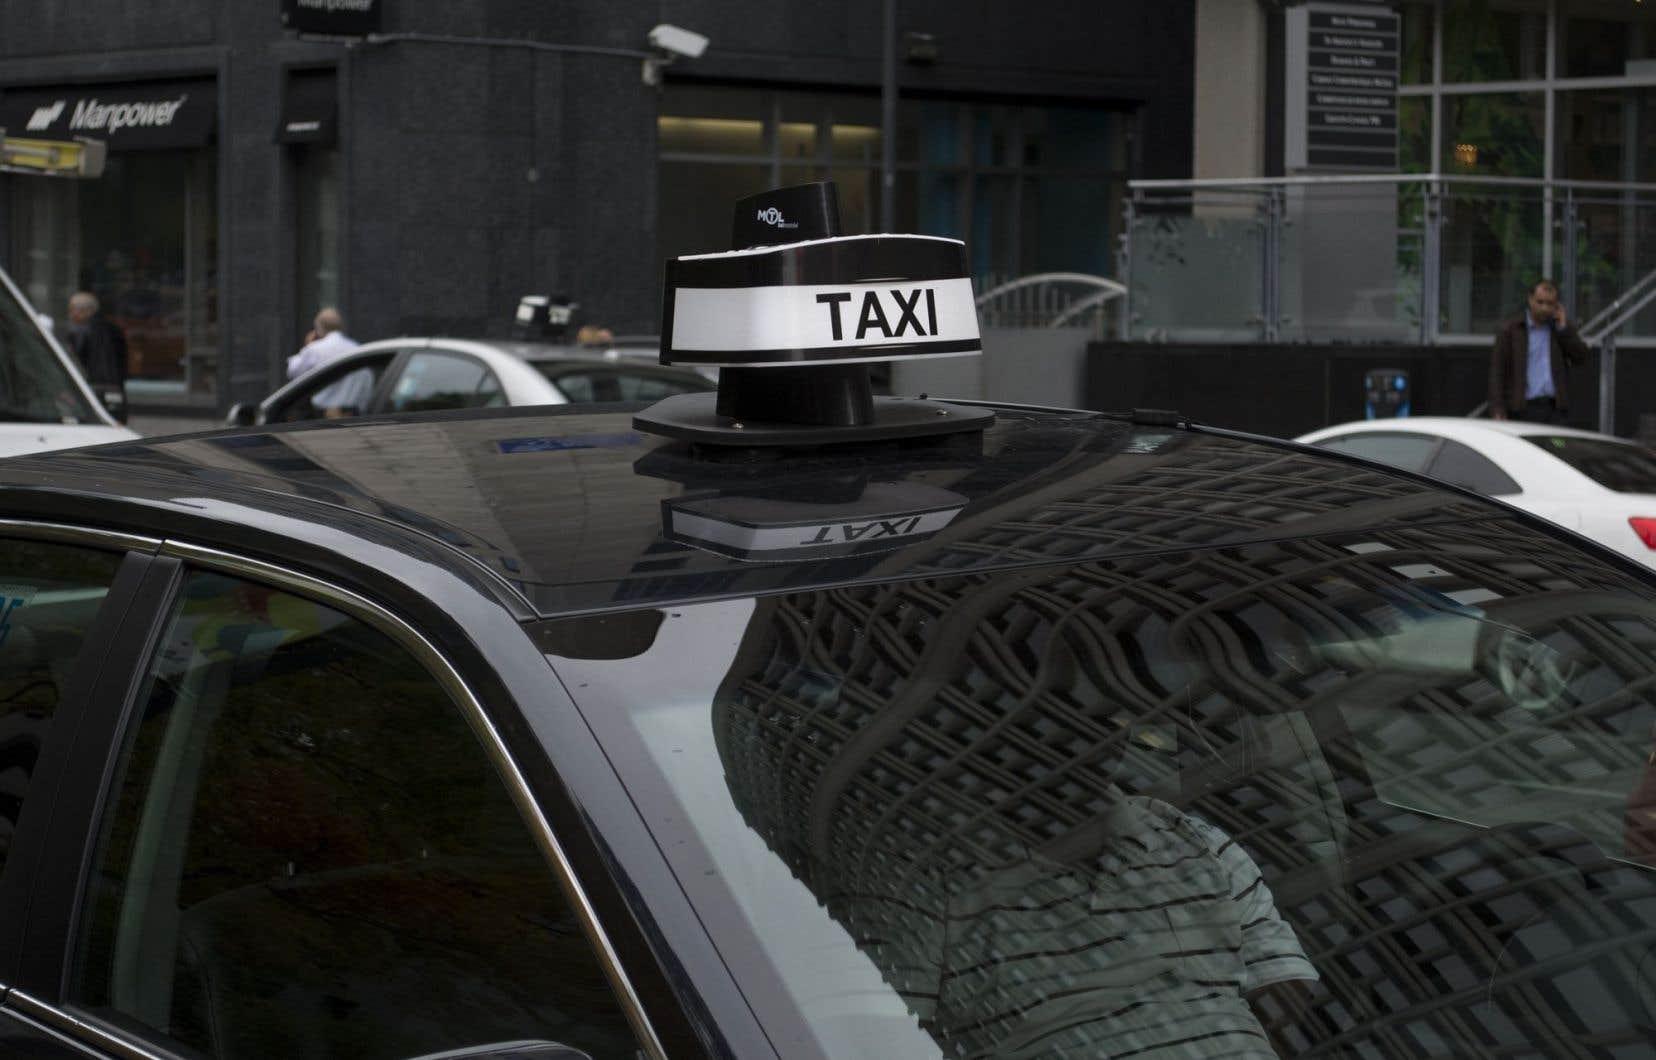 Devant la concurrence féroce d'Uber, l'industrie du taxi montréalaise veut se servir de ses statistiques pour améliorer son service.